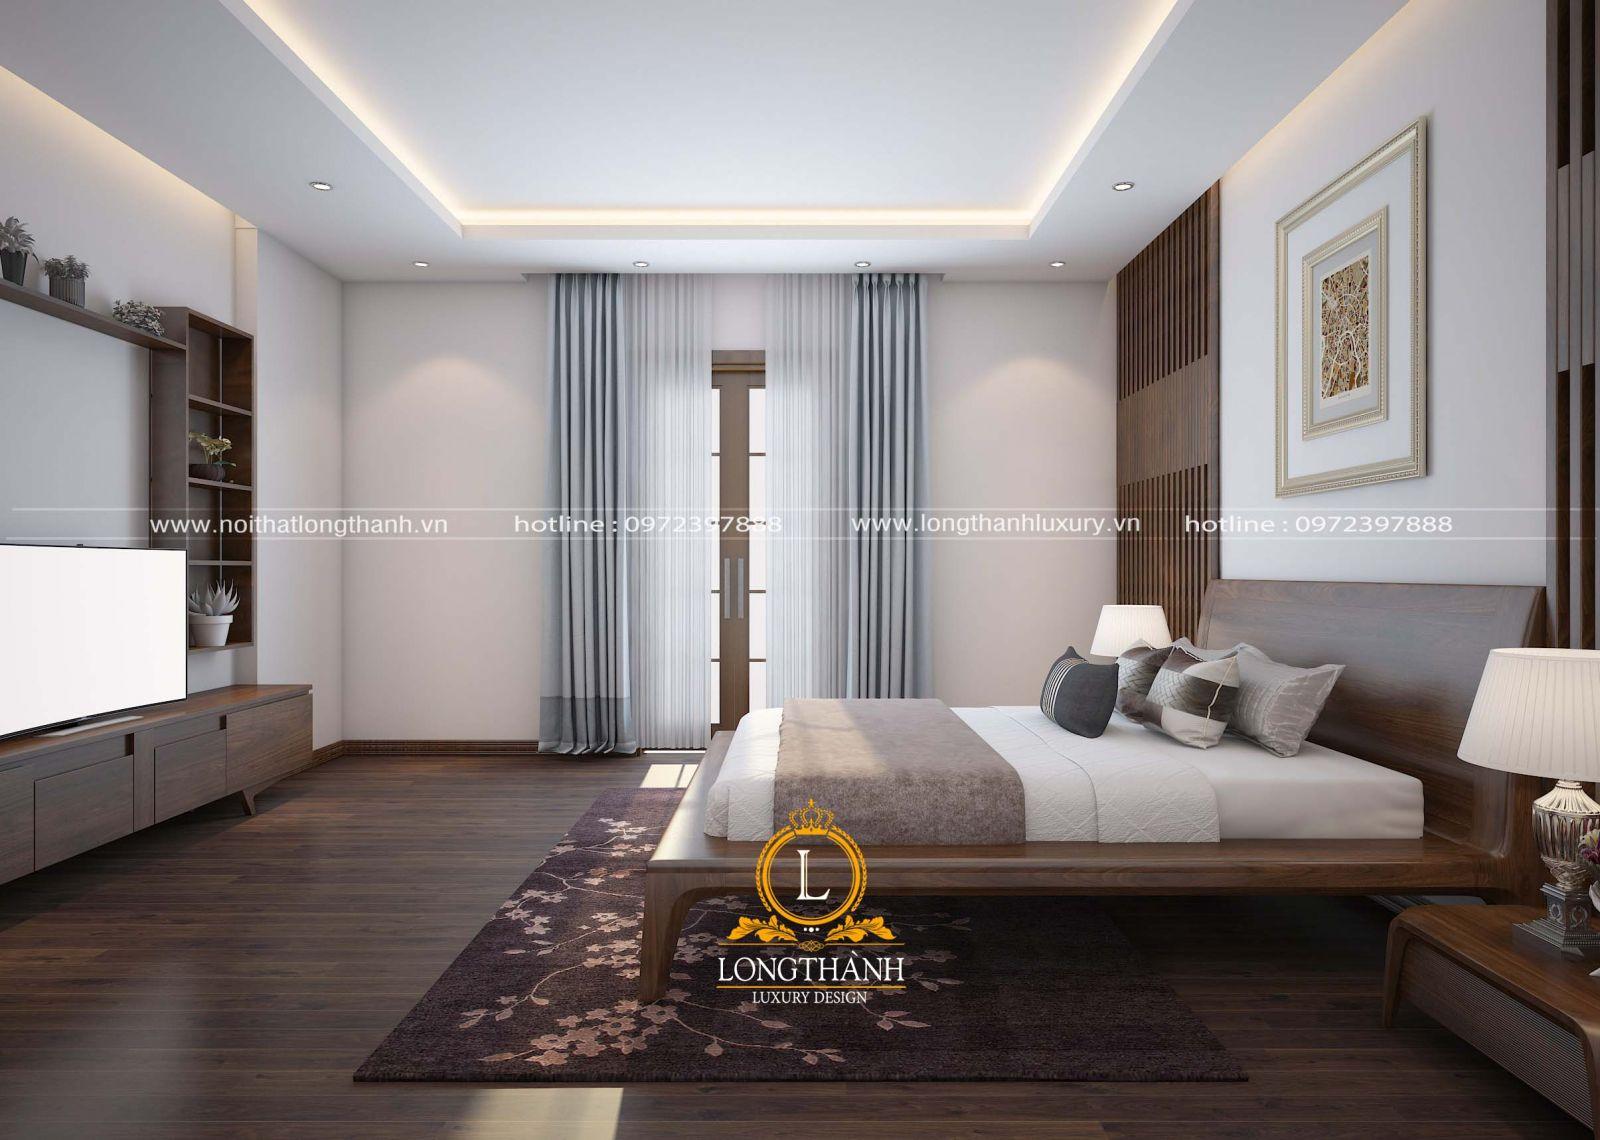 Phòng ngủ tân cổ điển 20m2 với tone màu nâu của đồ nội thất gỗ tự nhiên cao cấp